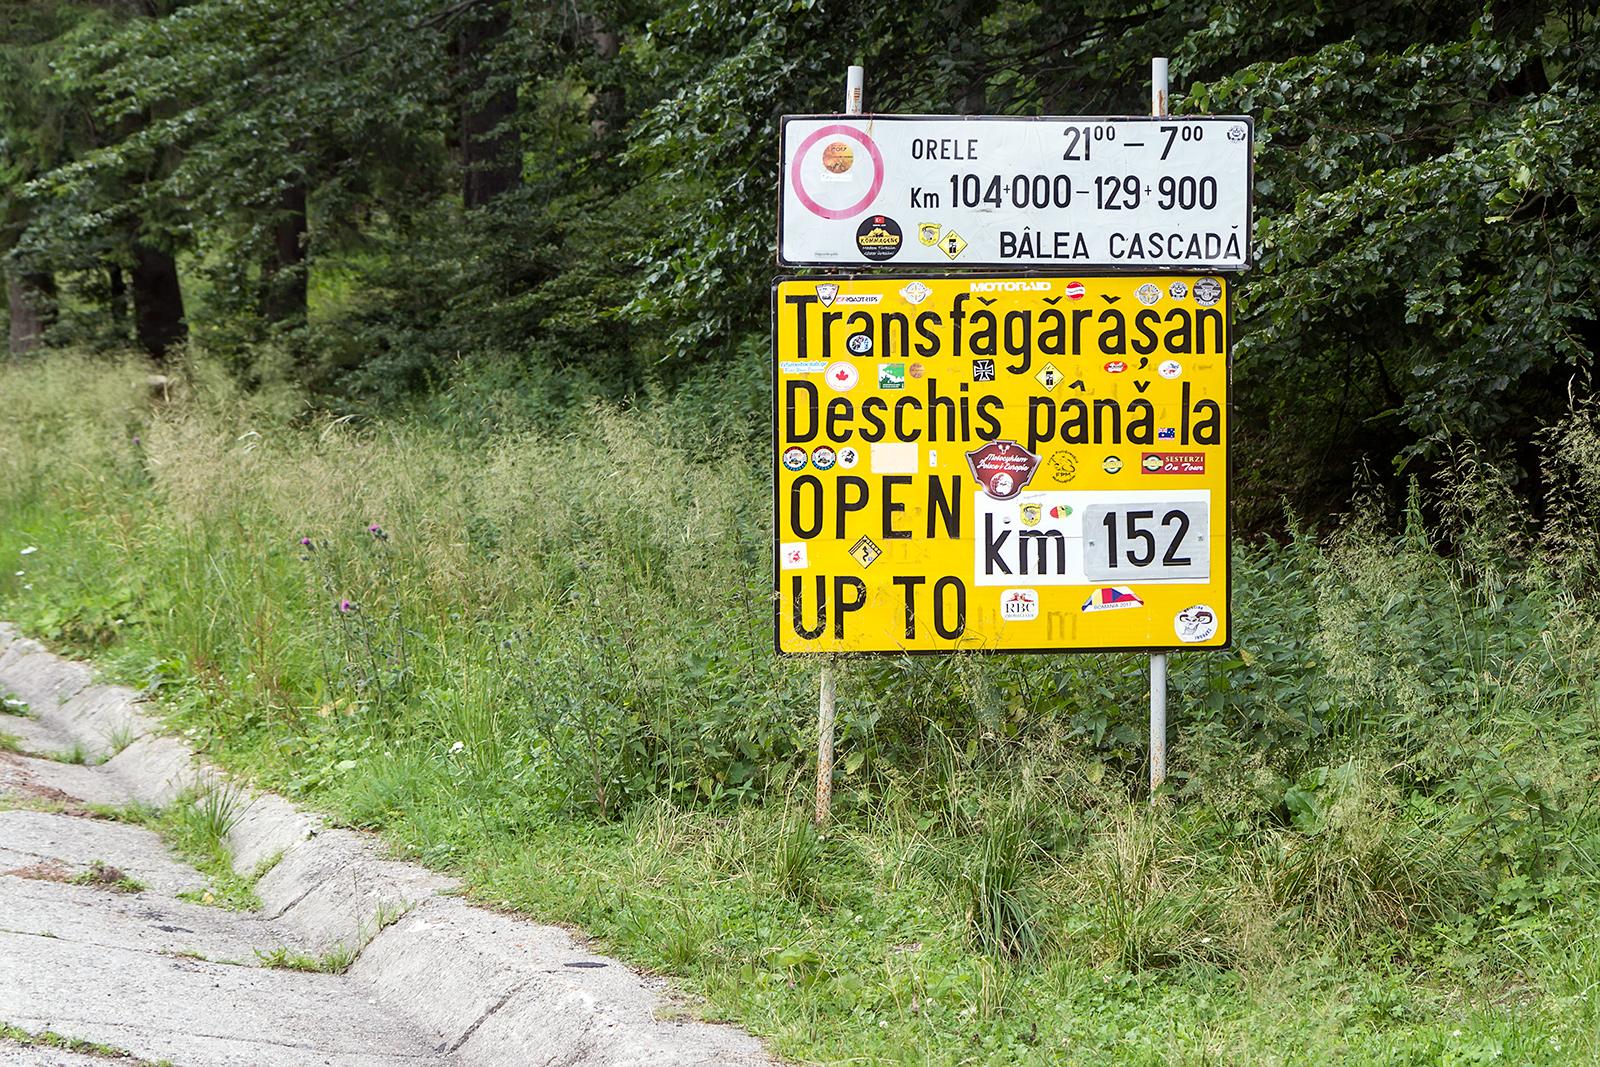 Začetek po mnenju Top Geara najboljše ceste -Transfagarasa